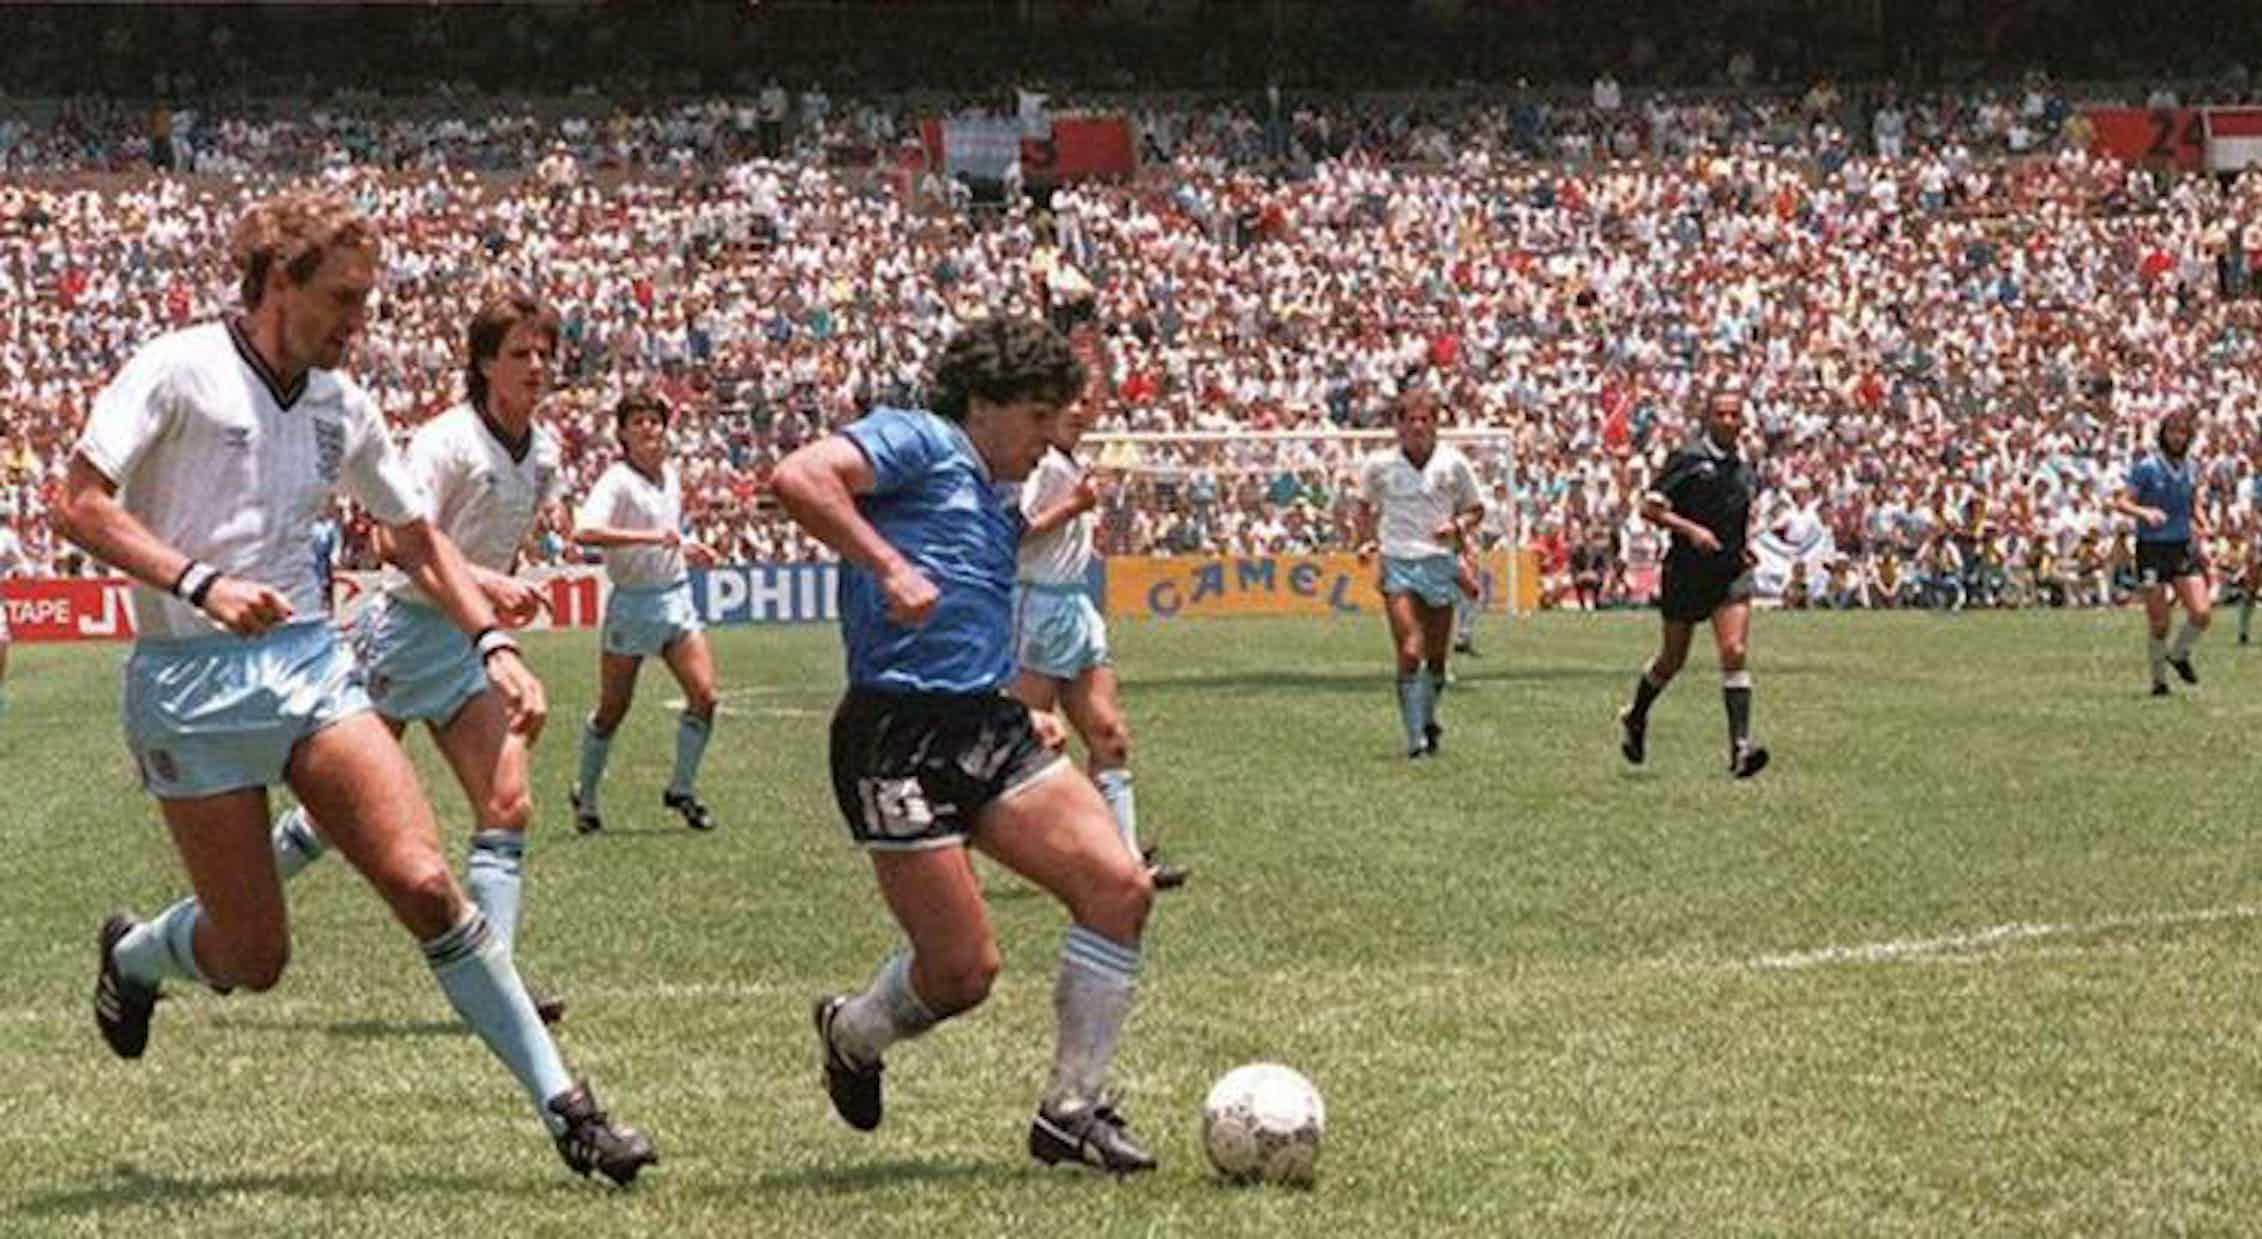 Maradona justo antes de marcar el segundo gol a Inglaterra en el Mundial de México de 1986.Wikimedia Commons / Revista El Gráfico